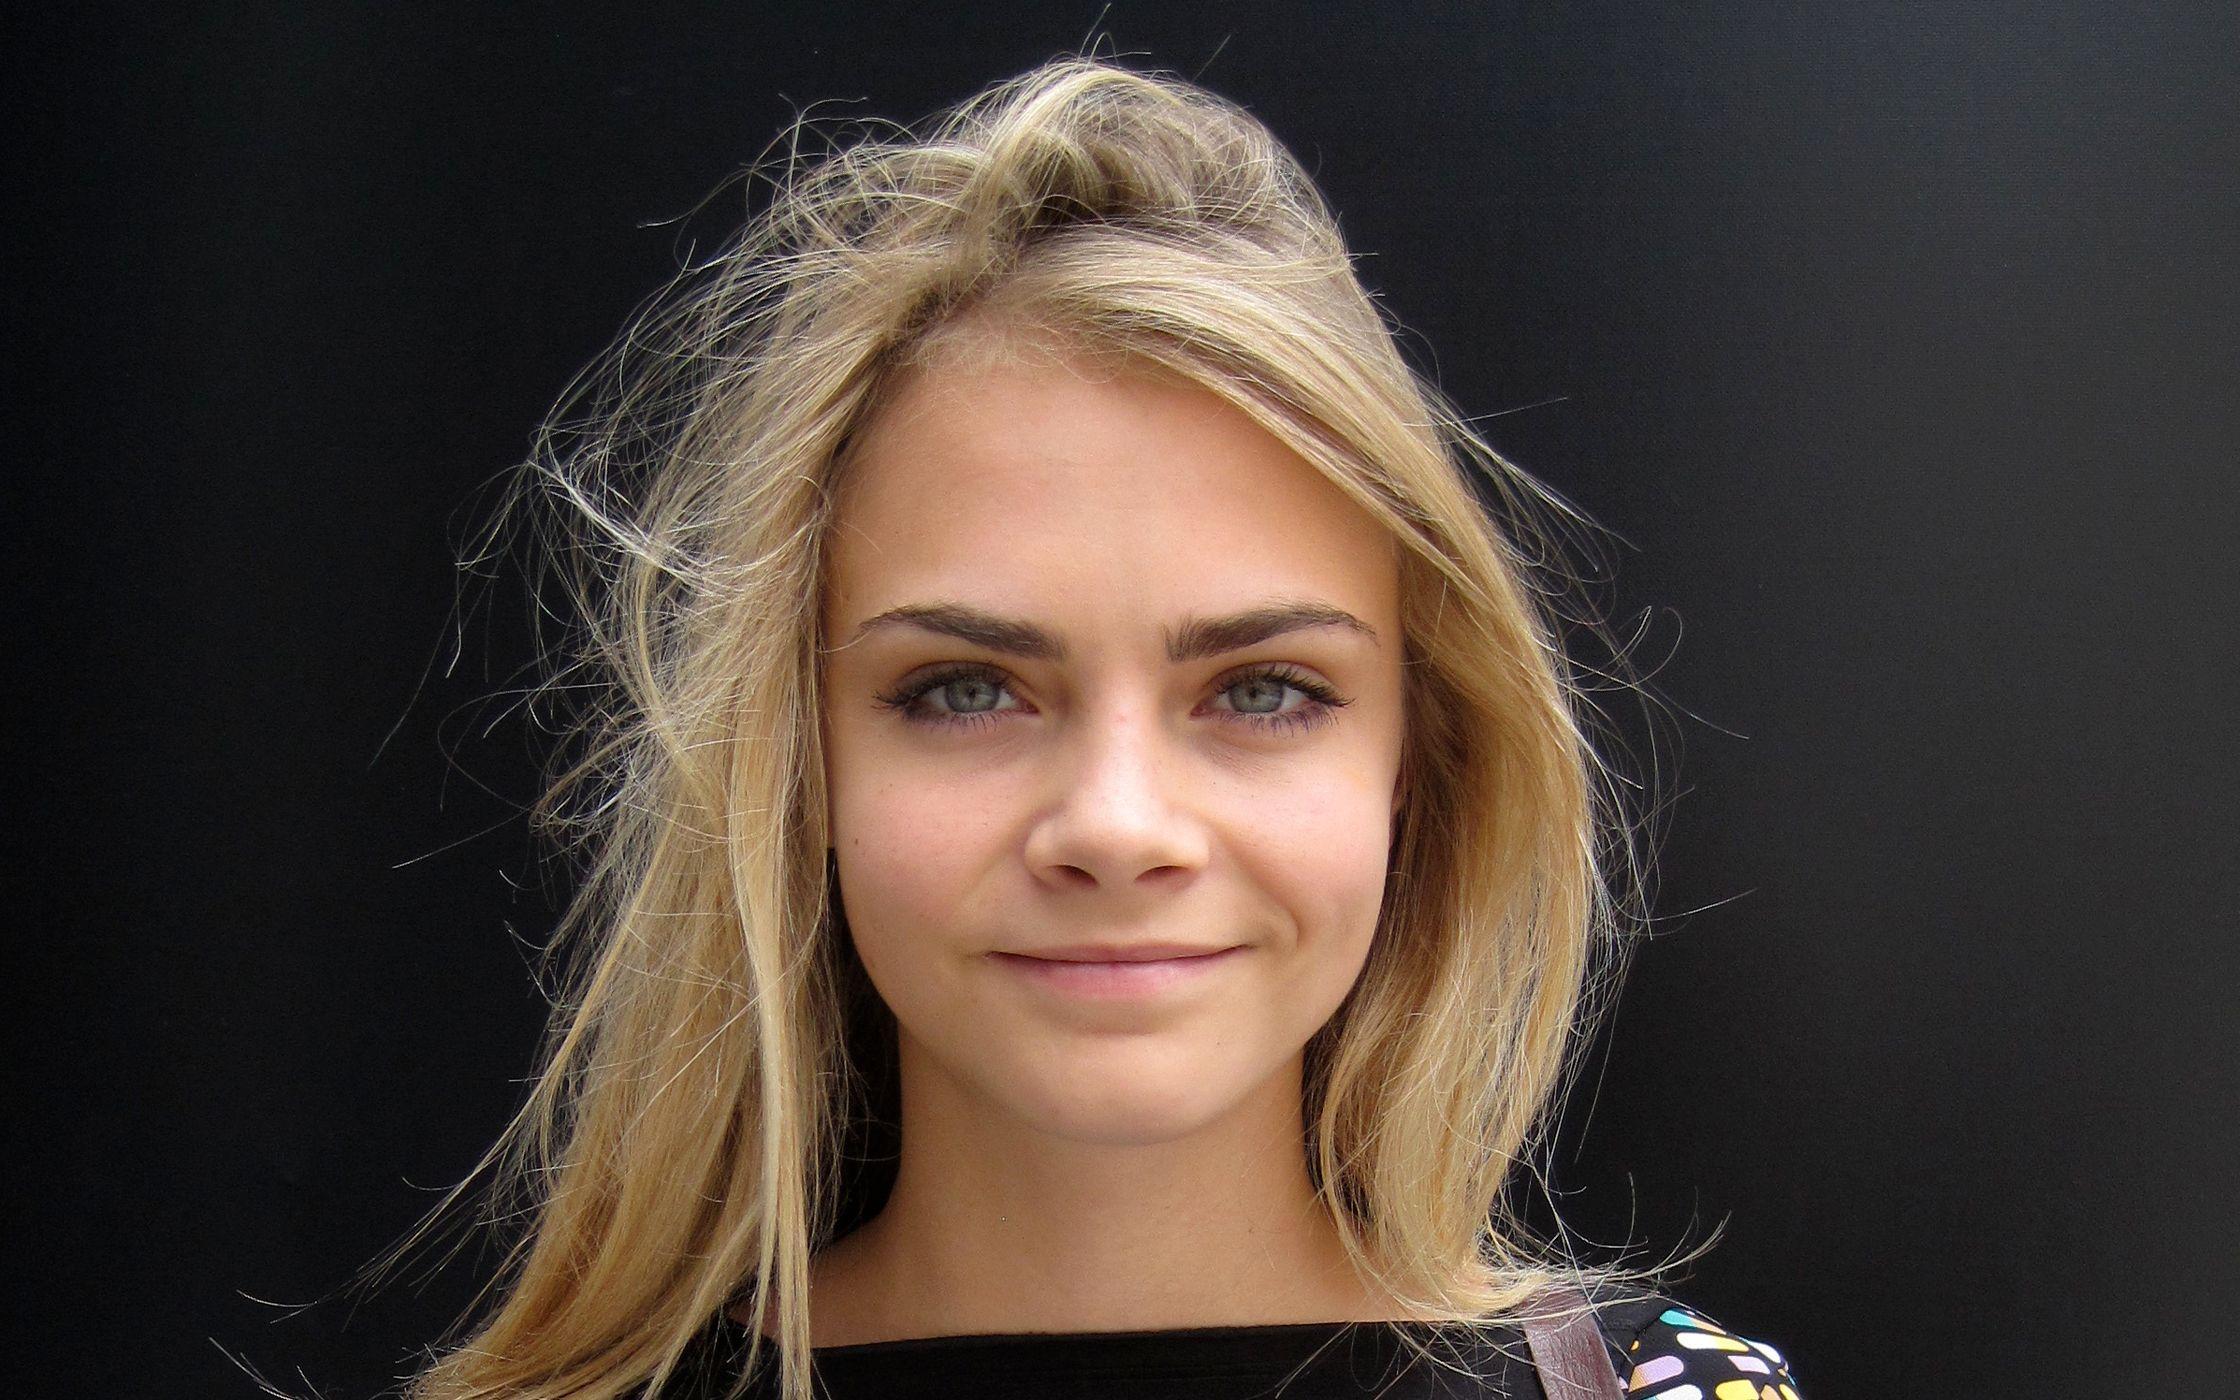 super model cara delevingne wallpaper - photo #11